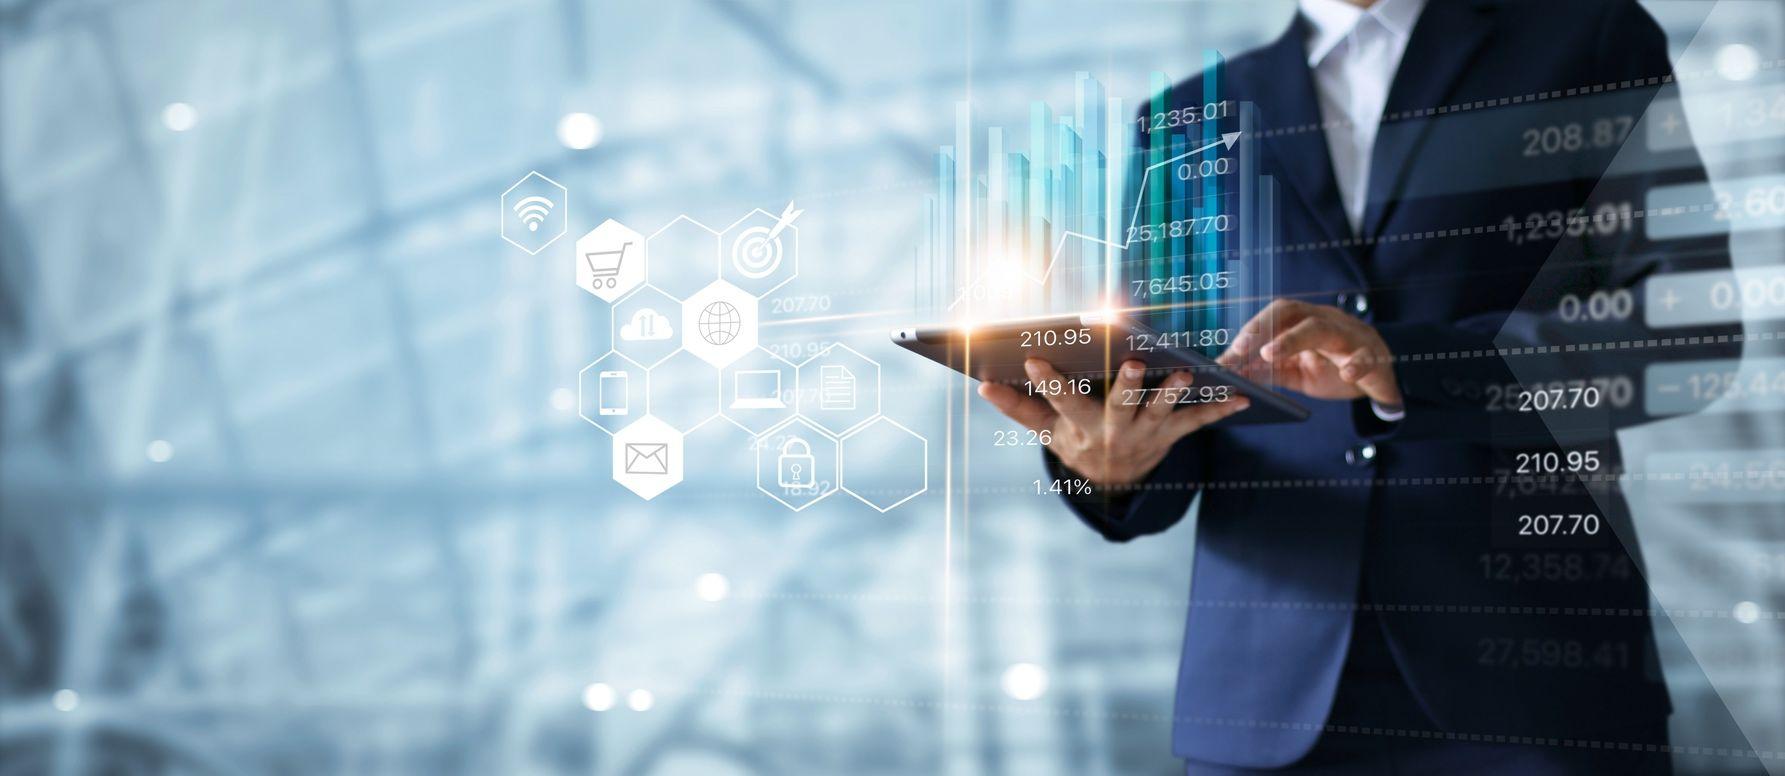 Máster en Banca y Mercados del Banco Santander, la formación para saber anticiparse a los cambios en el sector financiero